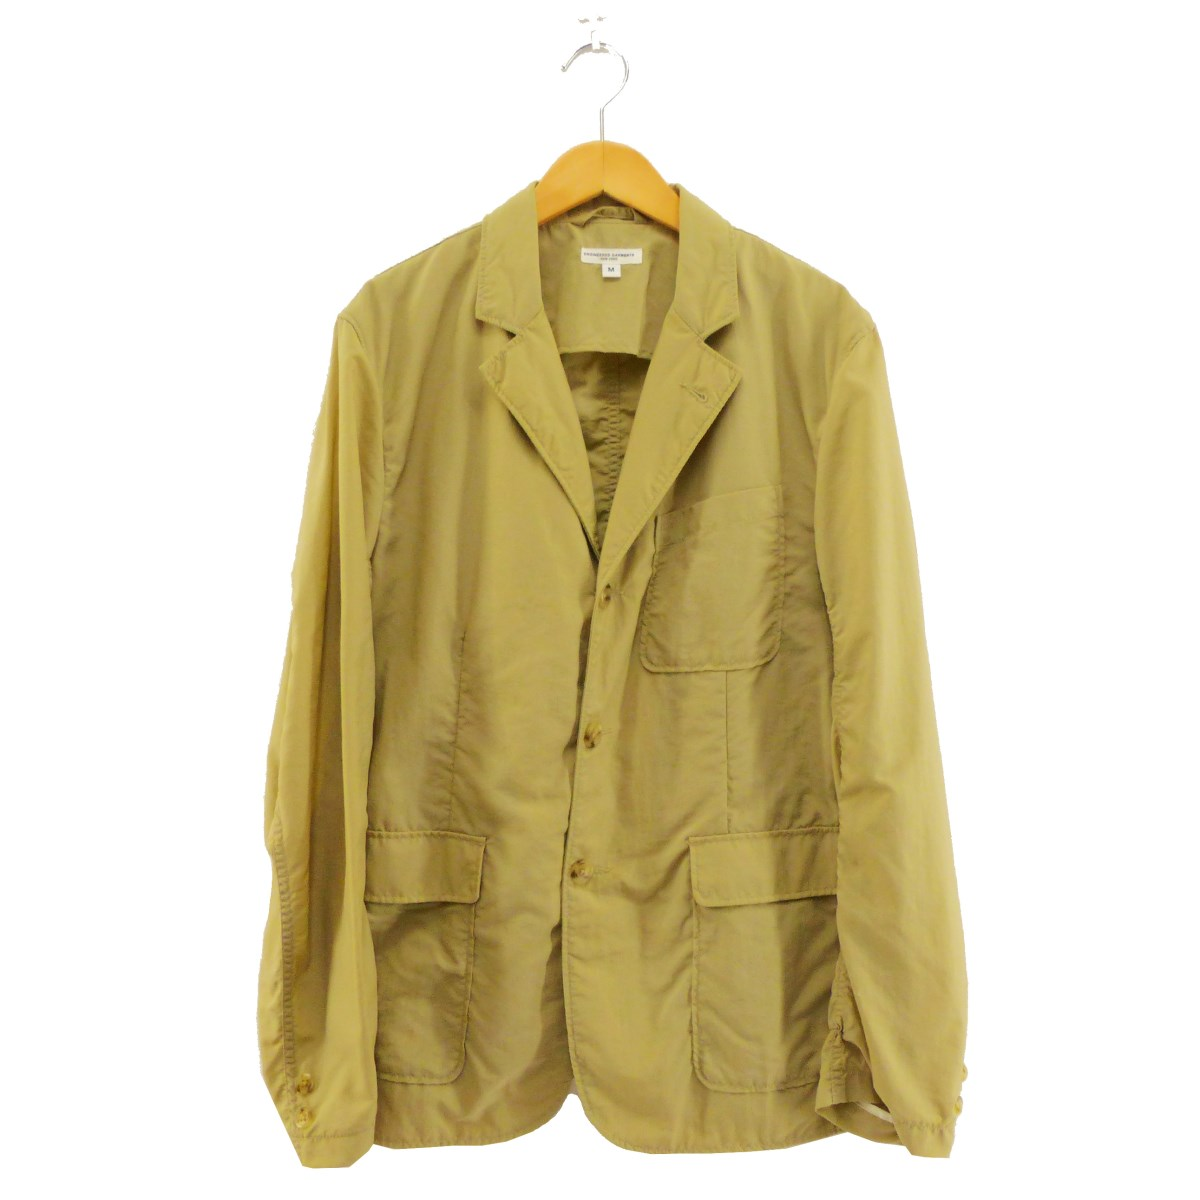 【中古】Engineered Garmentsナイロンテーラードジャケット ベージュ サイズ:M 【5月11日見直し】